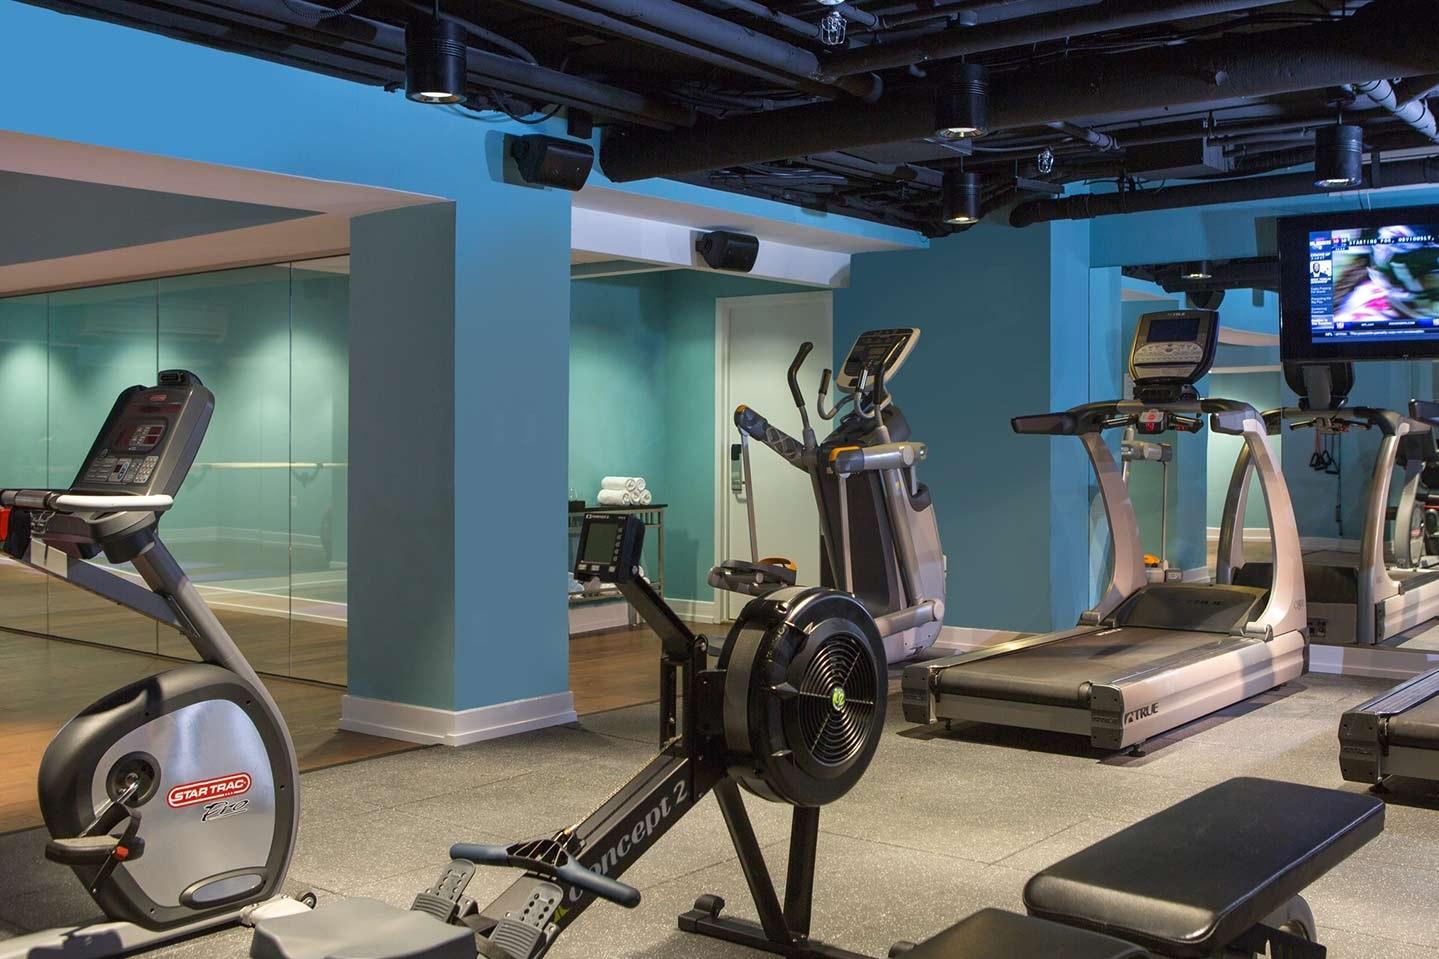 fitness-center-7805-9dda099a.jpg